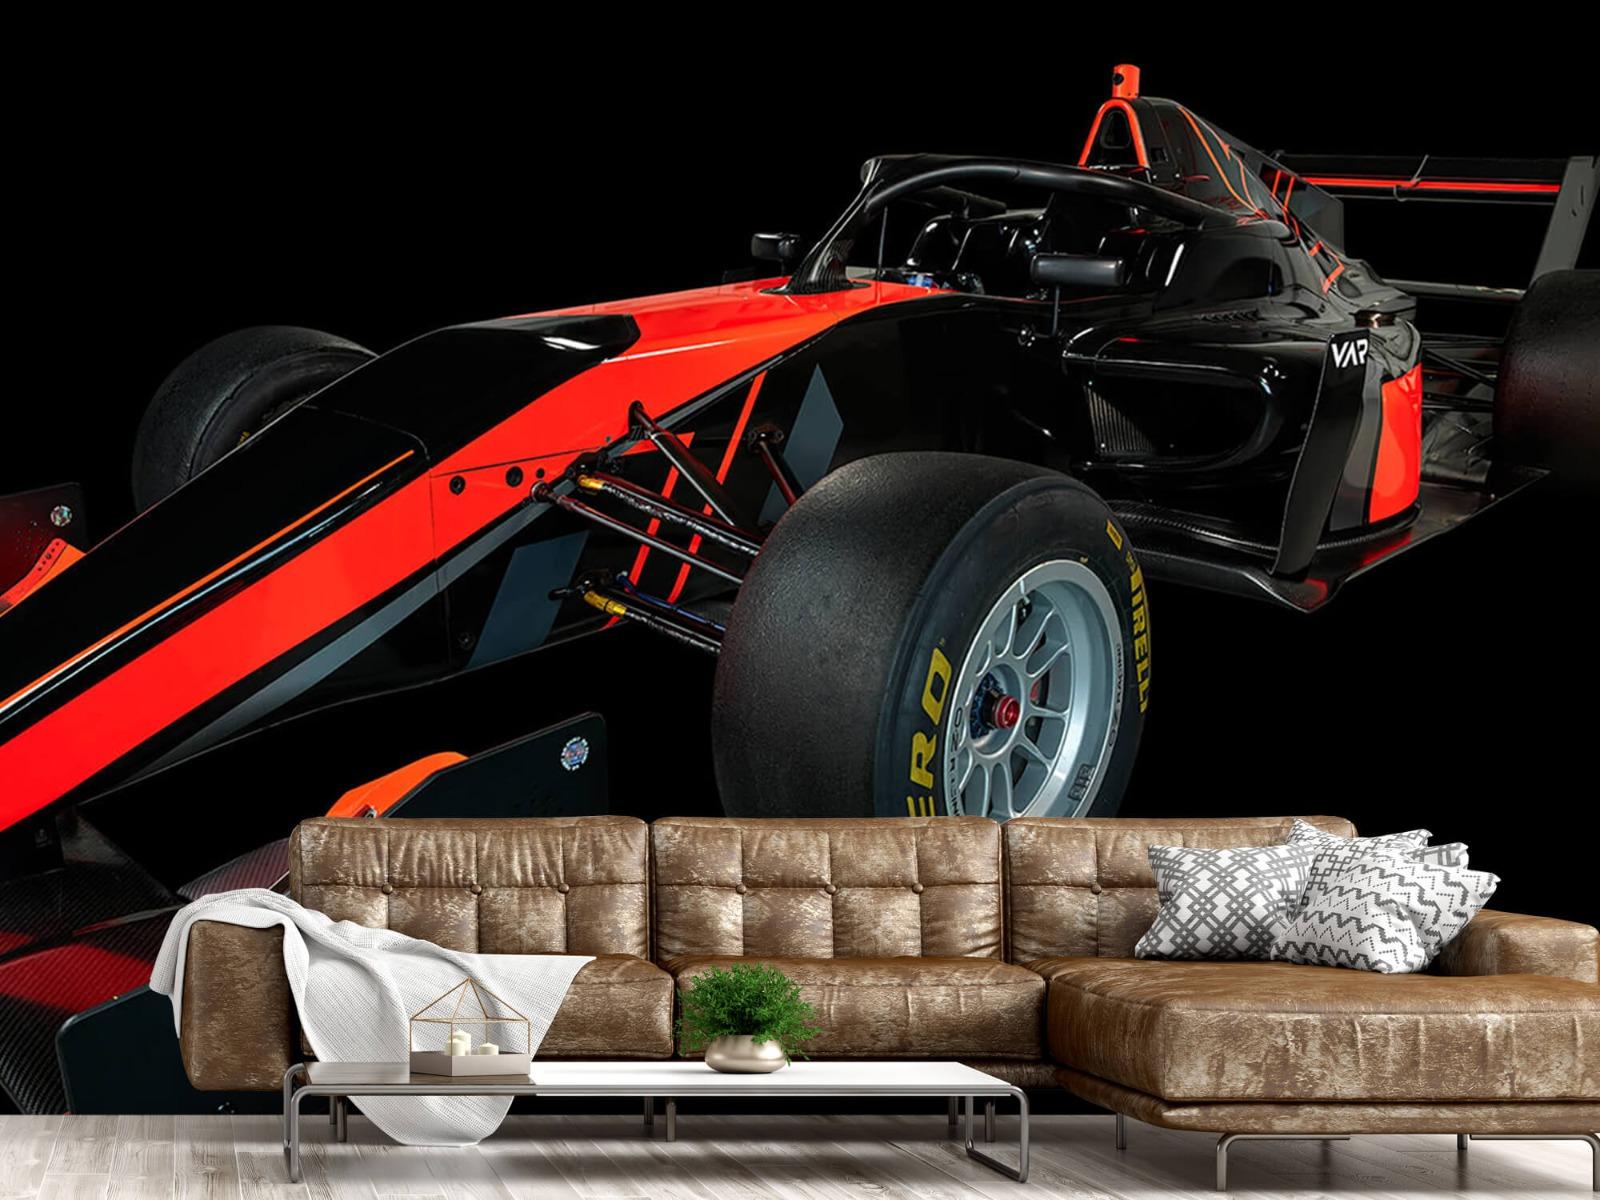 Sportauto's - Formule 3 - Left front view - dark - Vergaderruimte 14